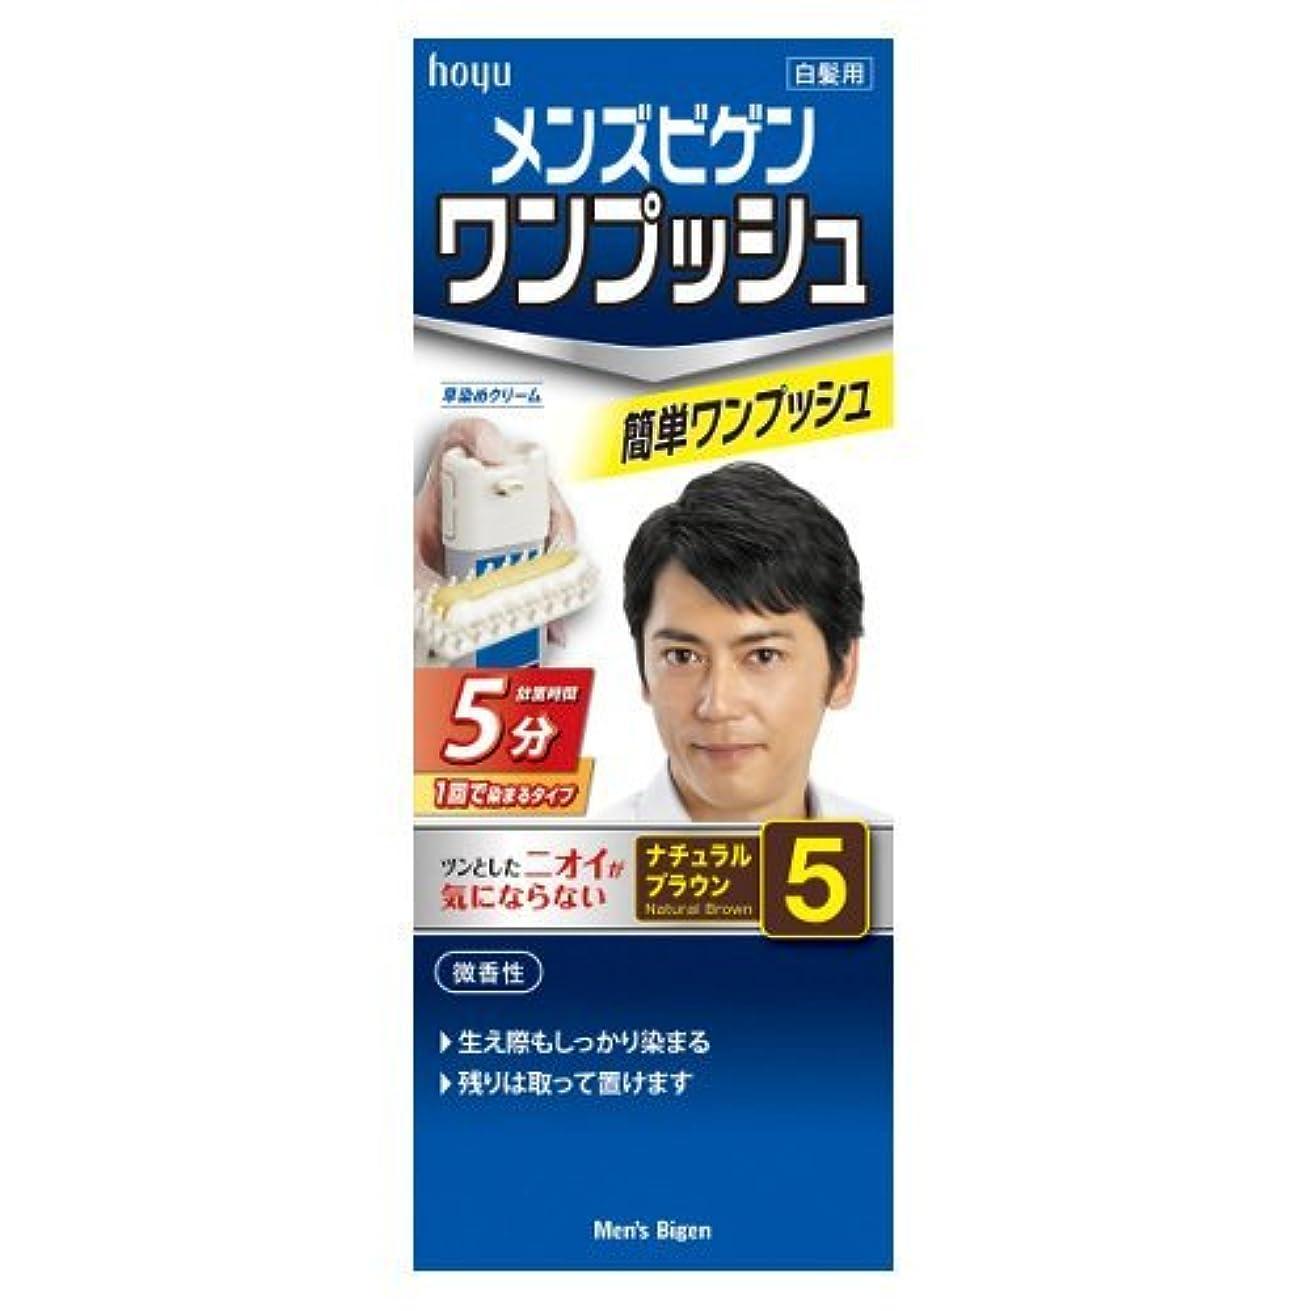 質量保持ホステスメンズビゲン ワンプッシュ 5 ナチュラルブラウン 40g+40g[医薬部外品]